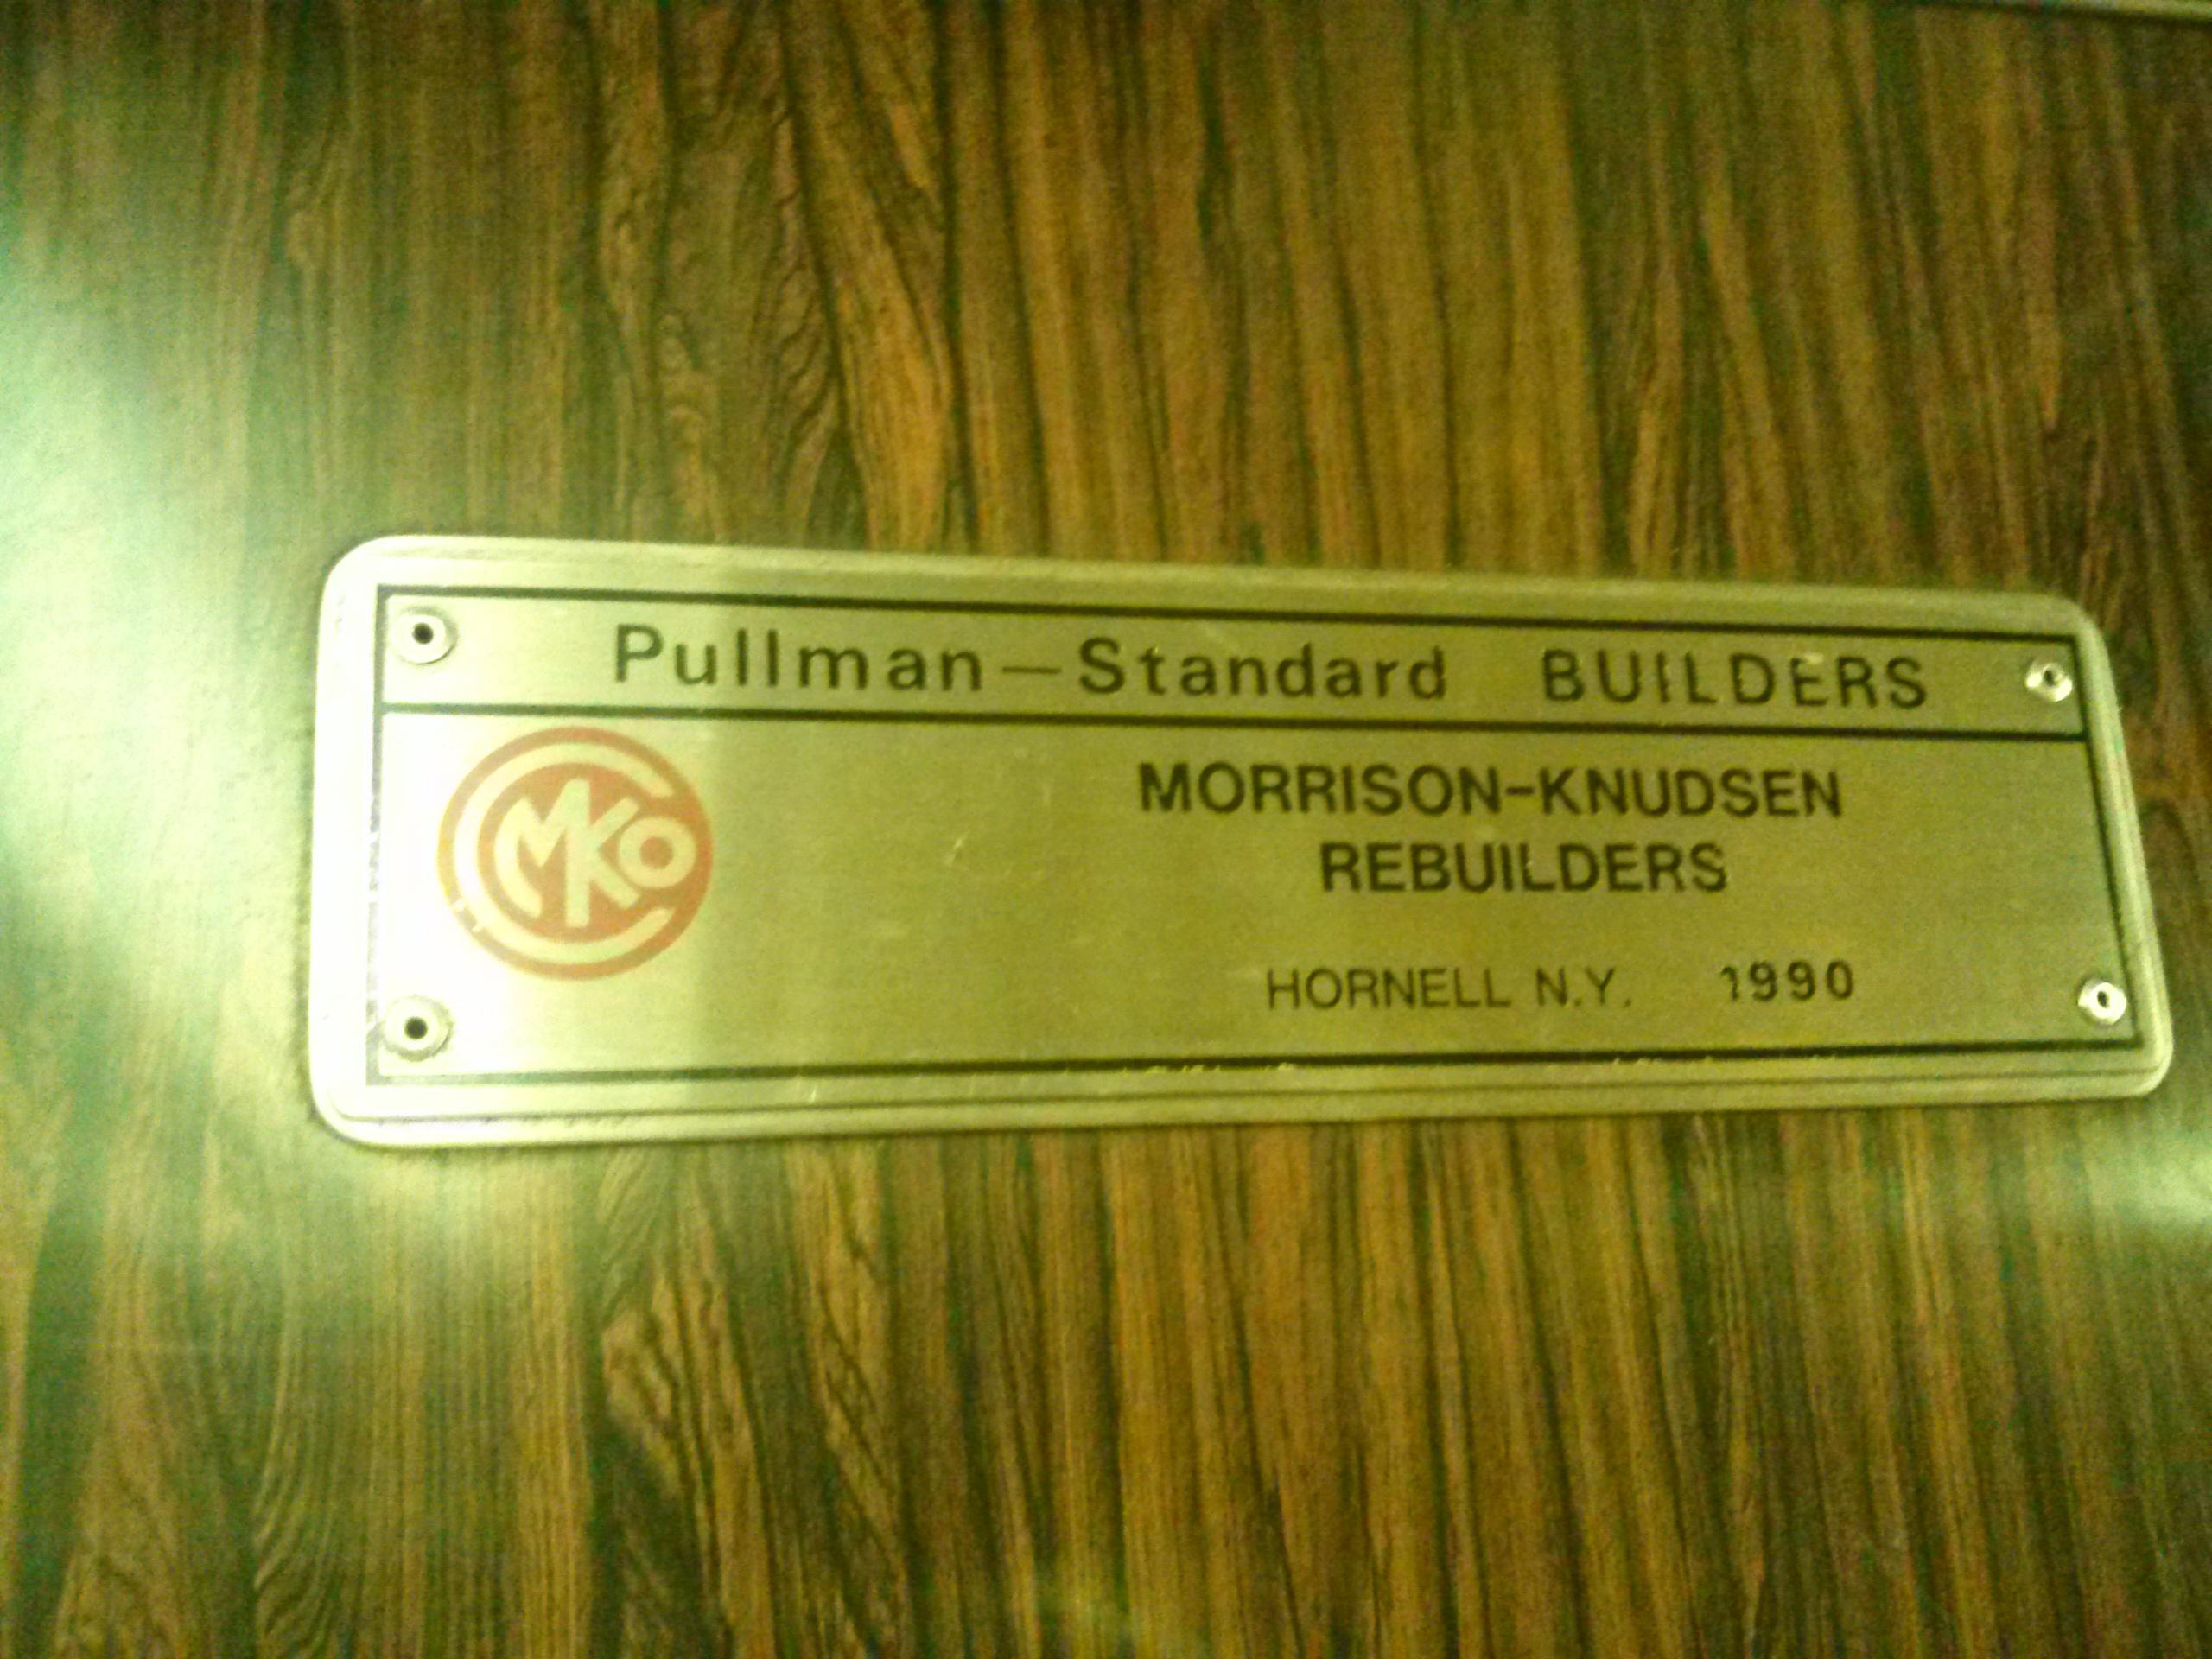 Morrison–Knudsen - Wikipedia